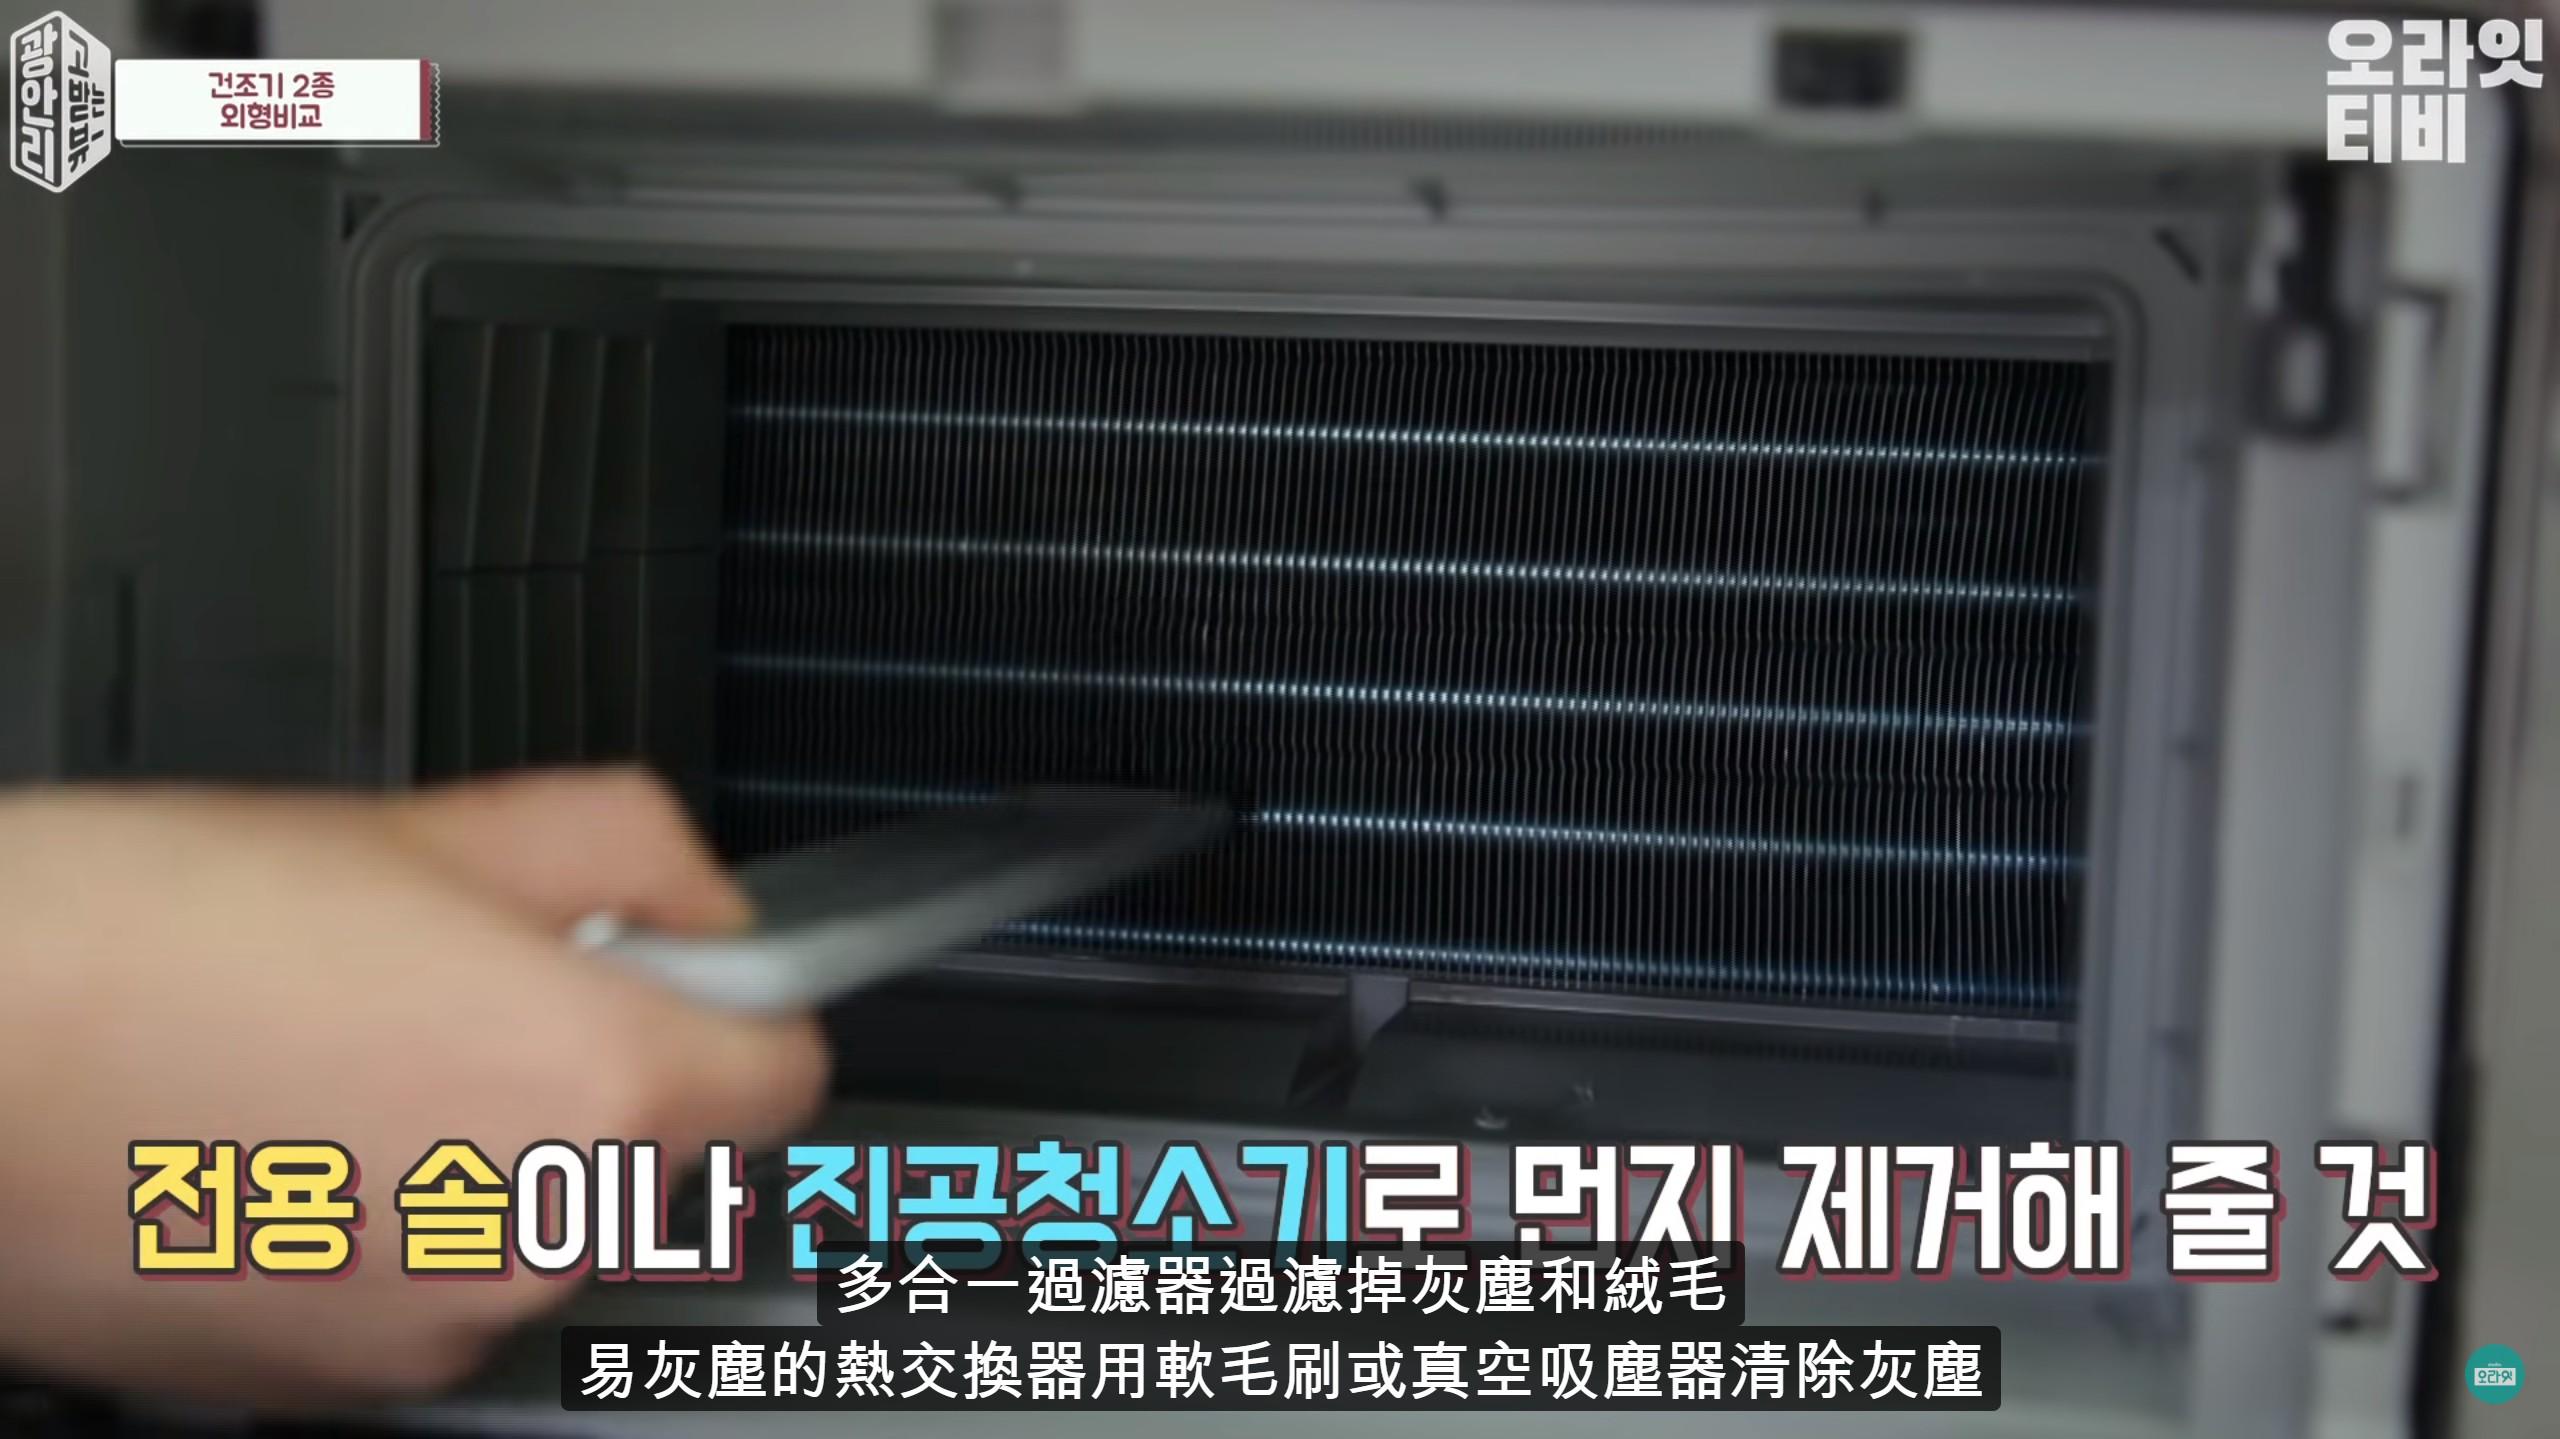 三星熱泵式乾衣機可以自行清理散熱冷凝鰭片